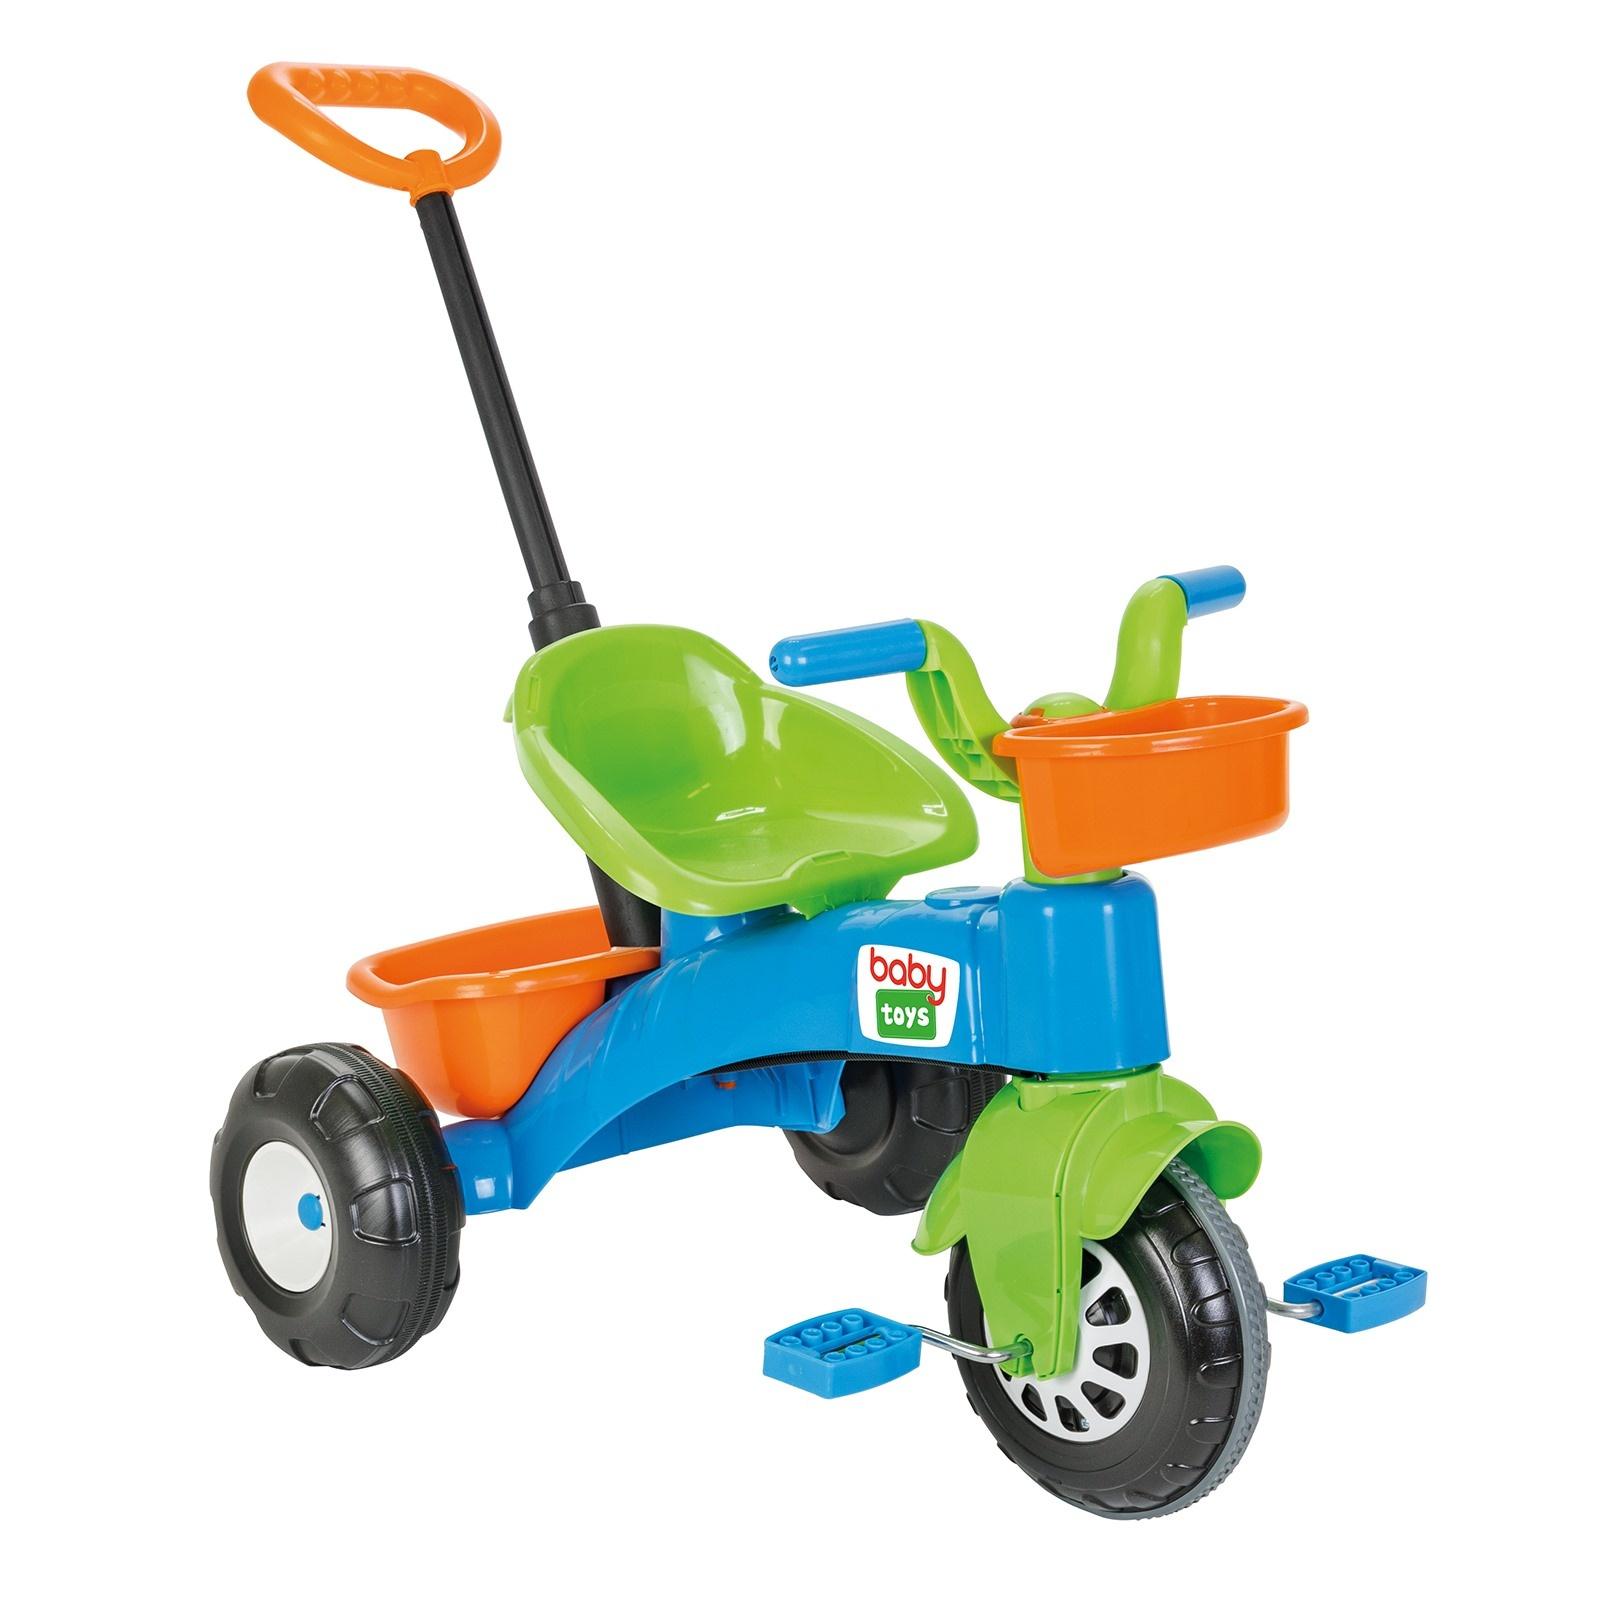 Üç tekerlekli çocuk arabası